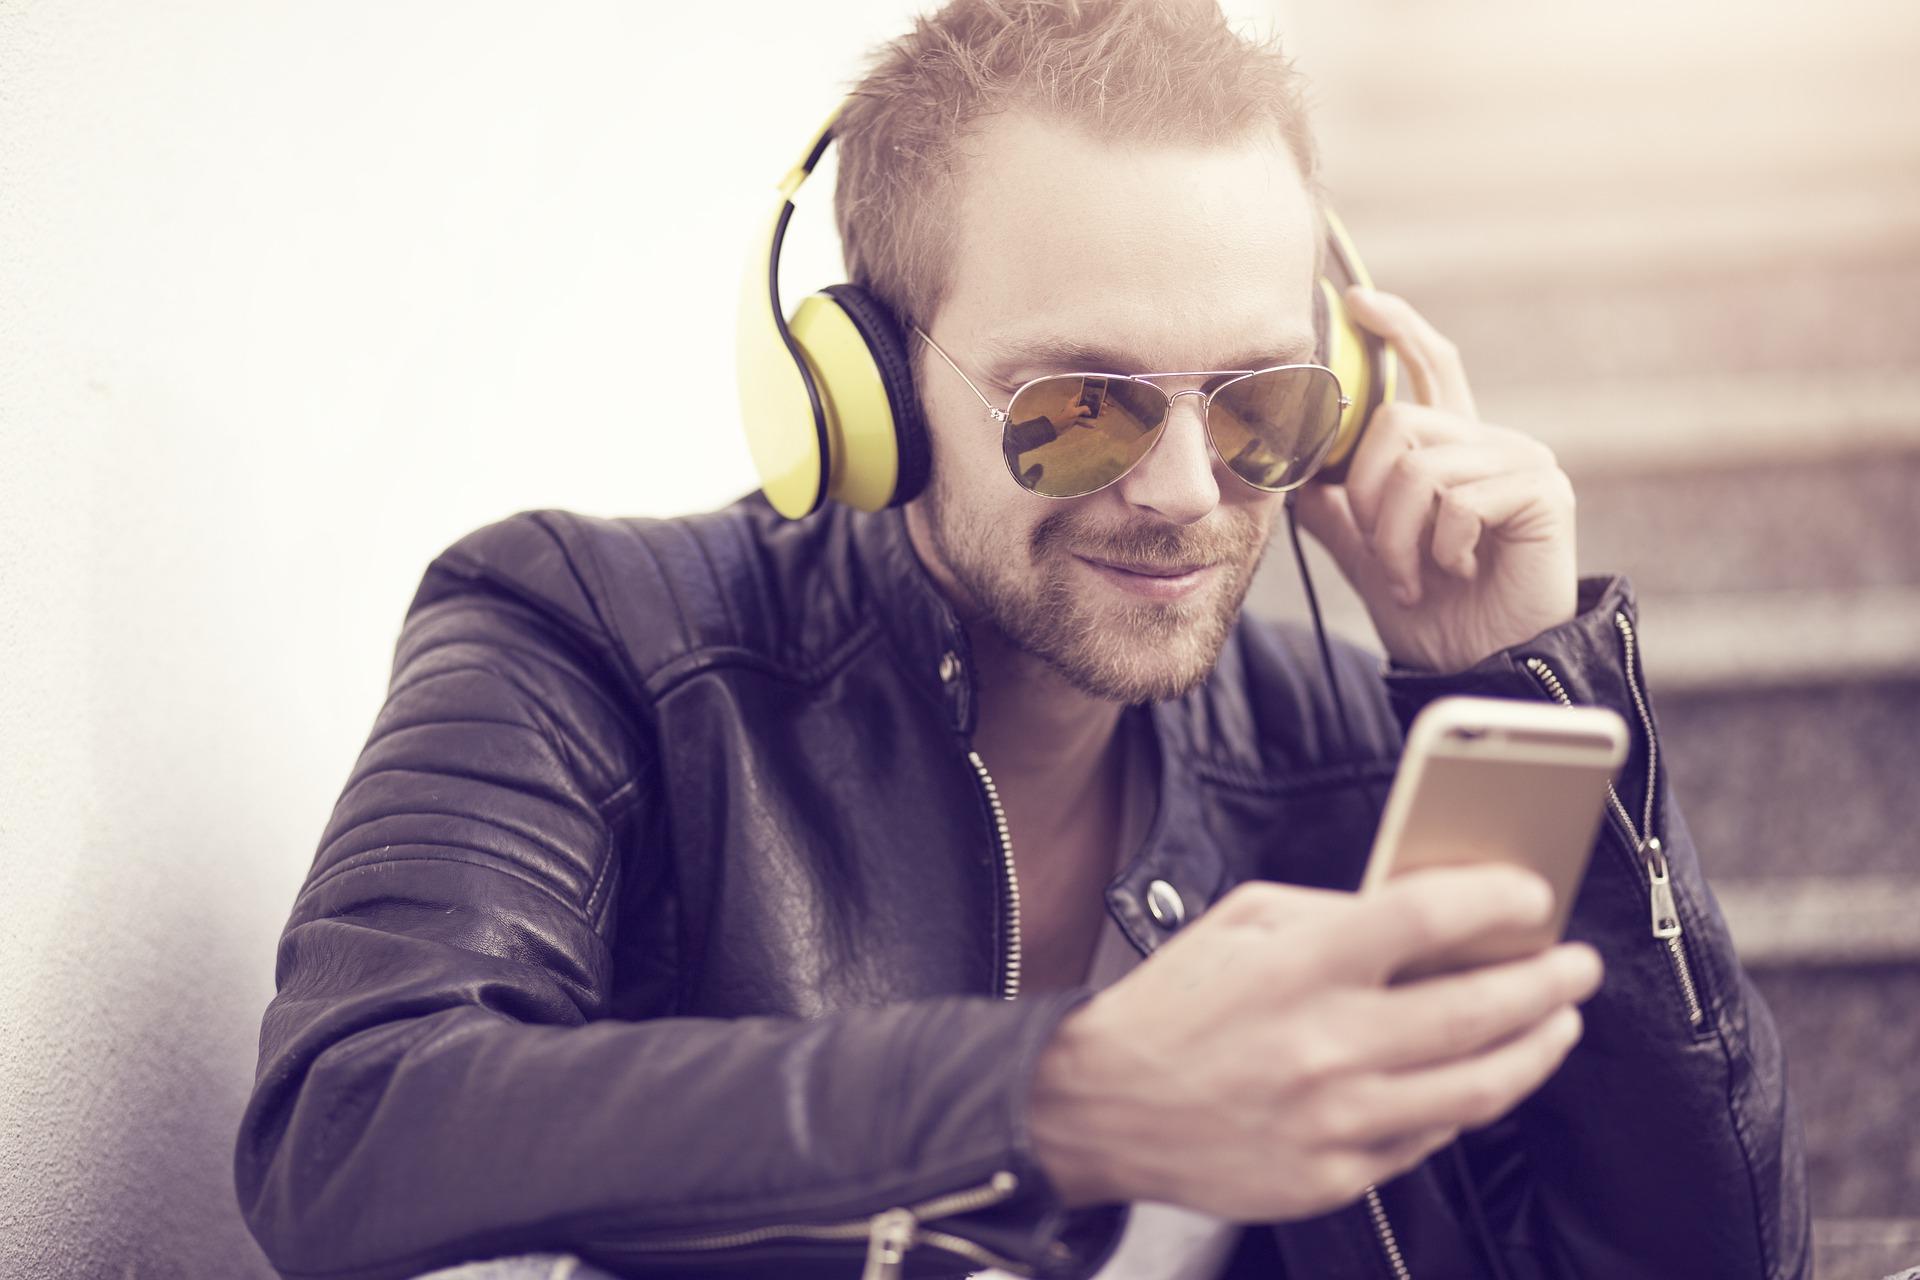 139 Milliarden Musik-Streams in 2020